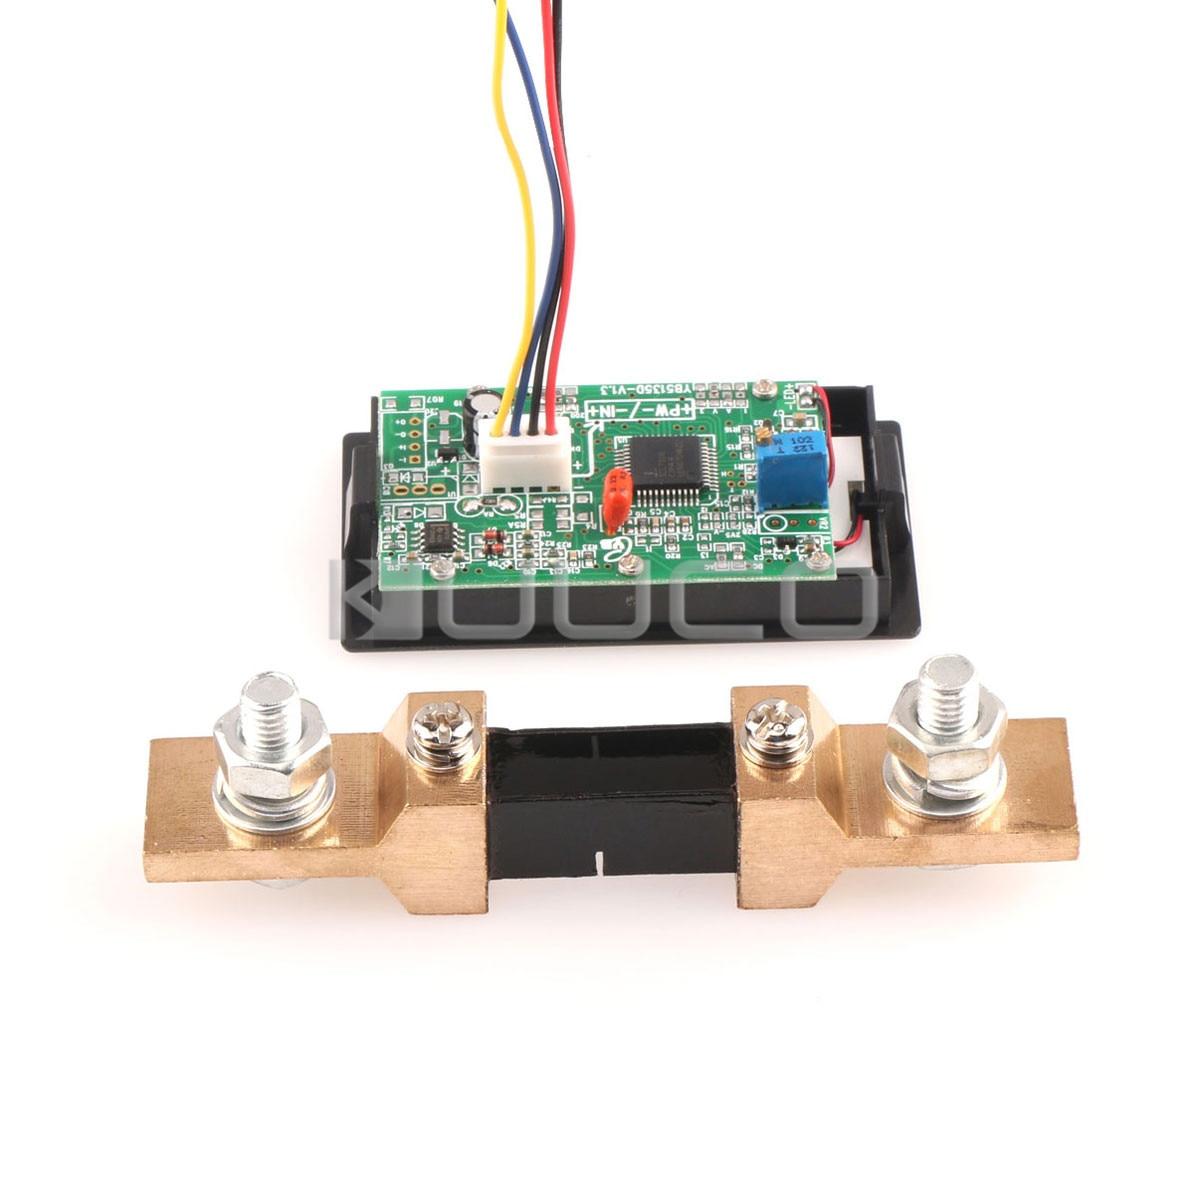 small resolution of digital tester lcd ammeter ac 0 200a digital current meter ac dc 8v 12v amp meter gauge ampere meter shunt resistor in instrument parts accessories